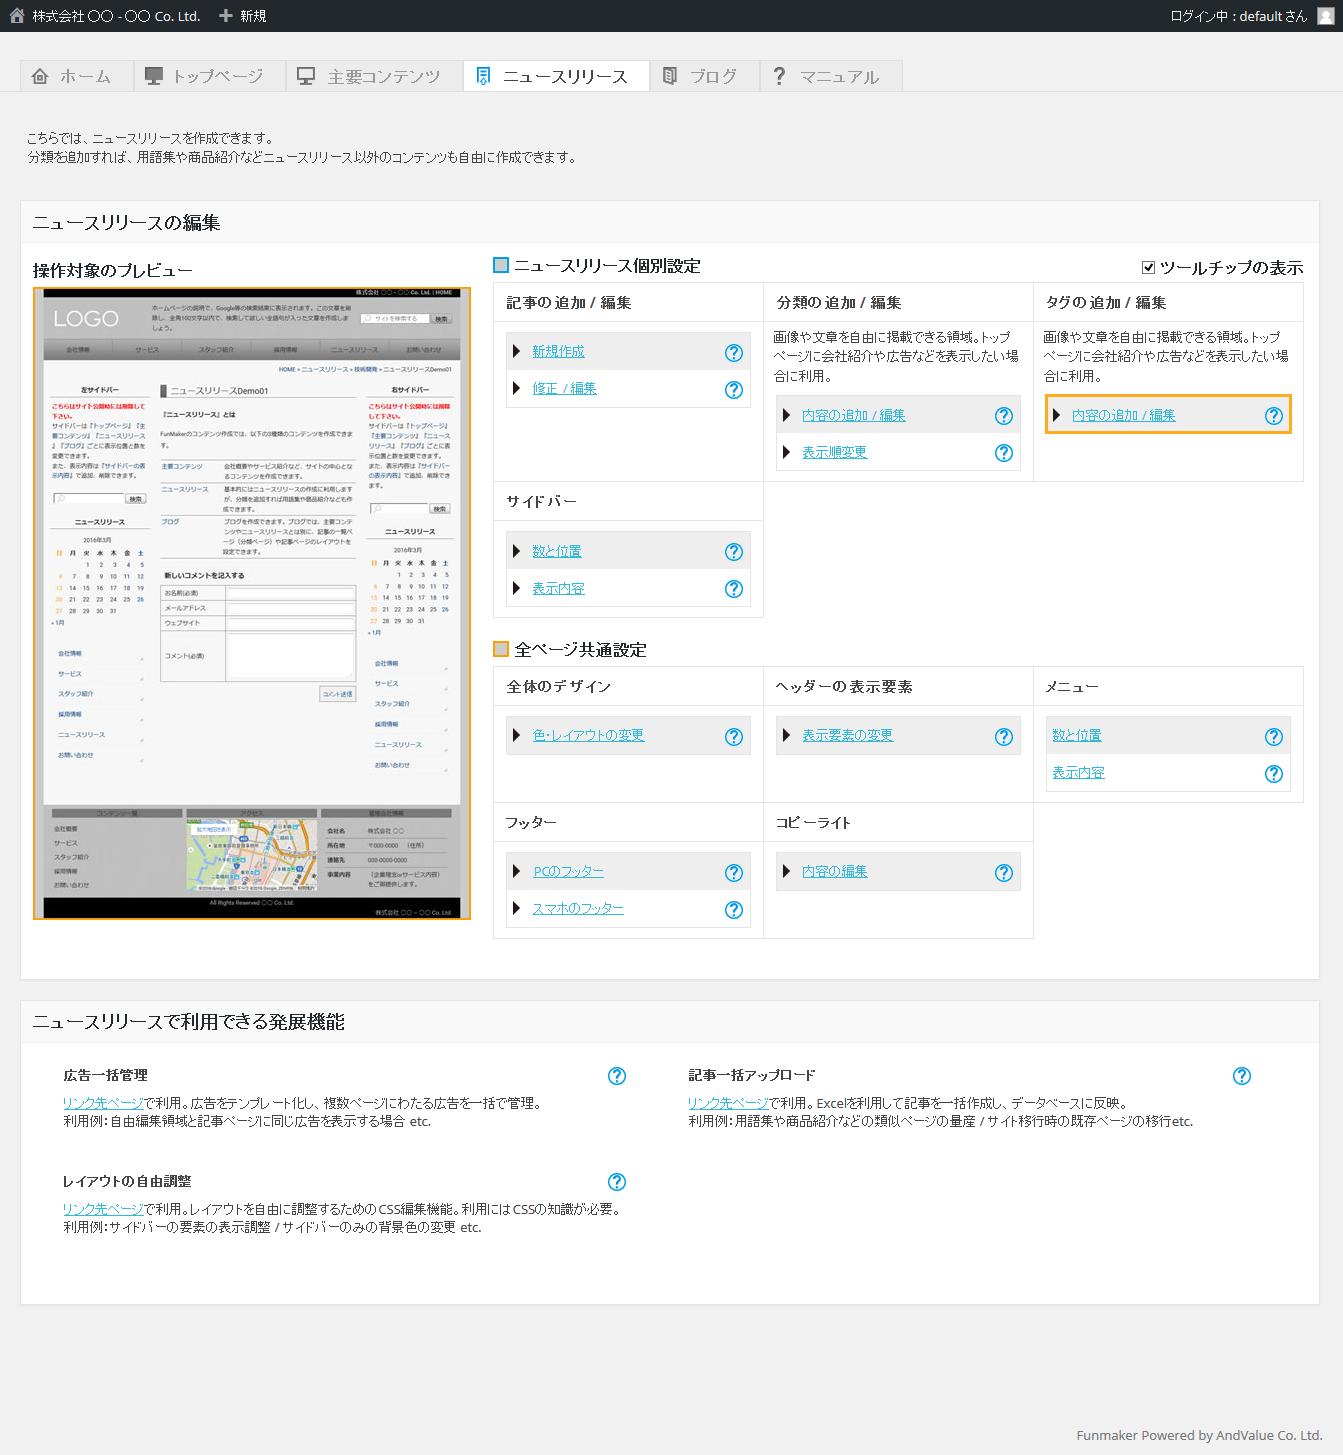 タグの新規作成 - 簡単格安ホームページ作成会社 -FunMaker